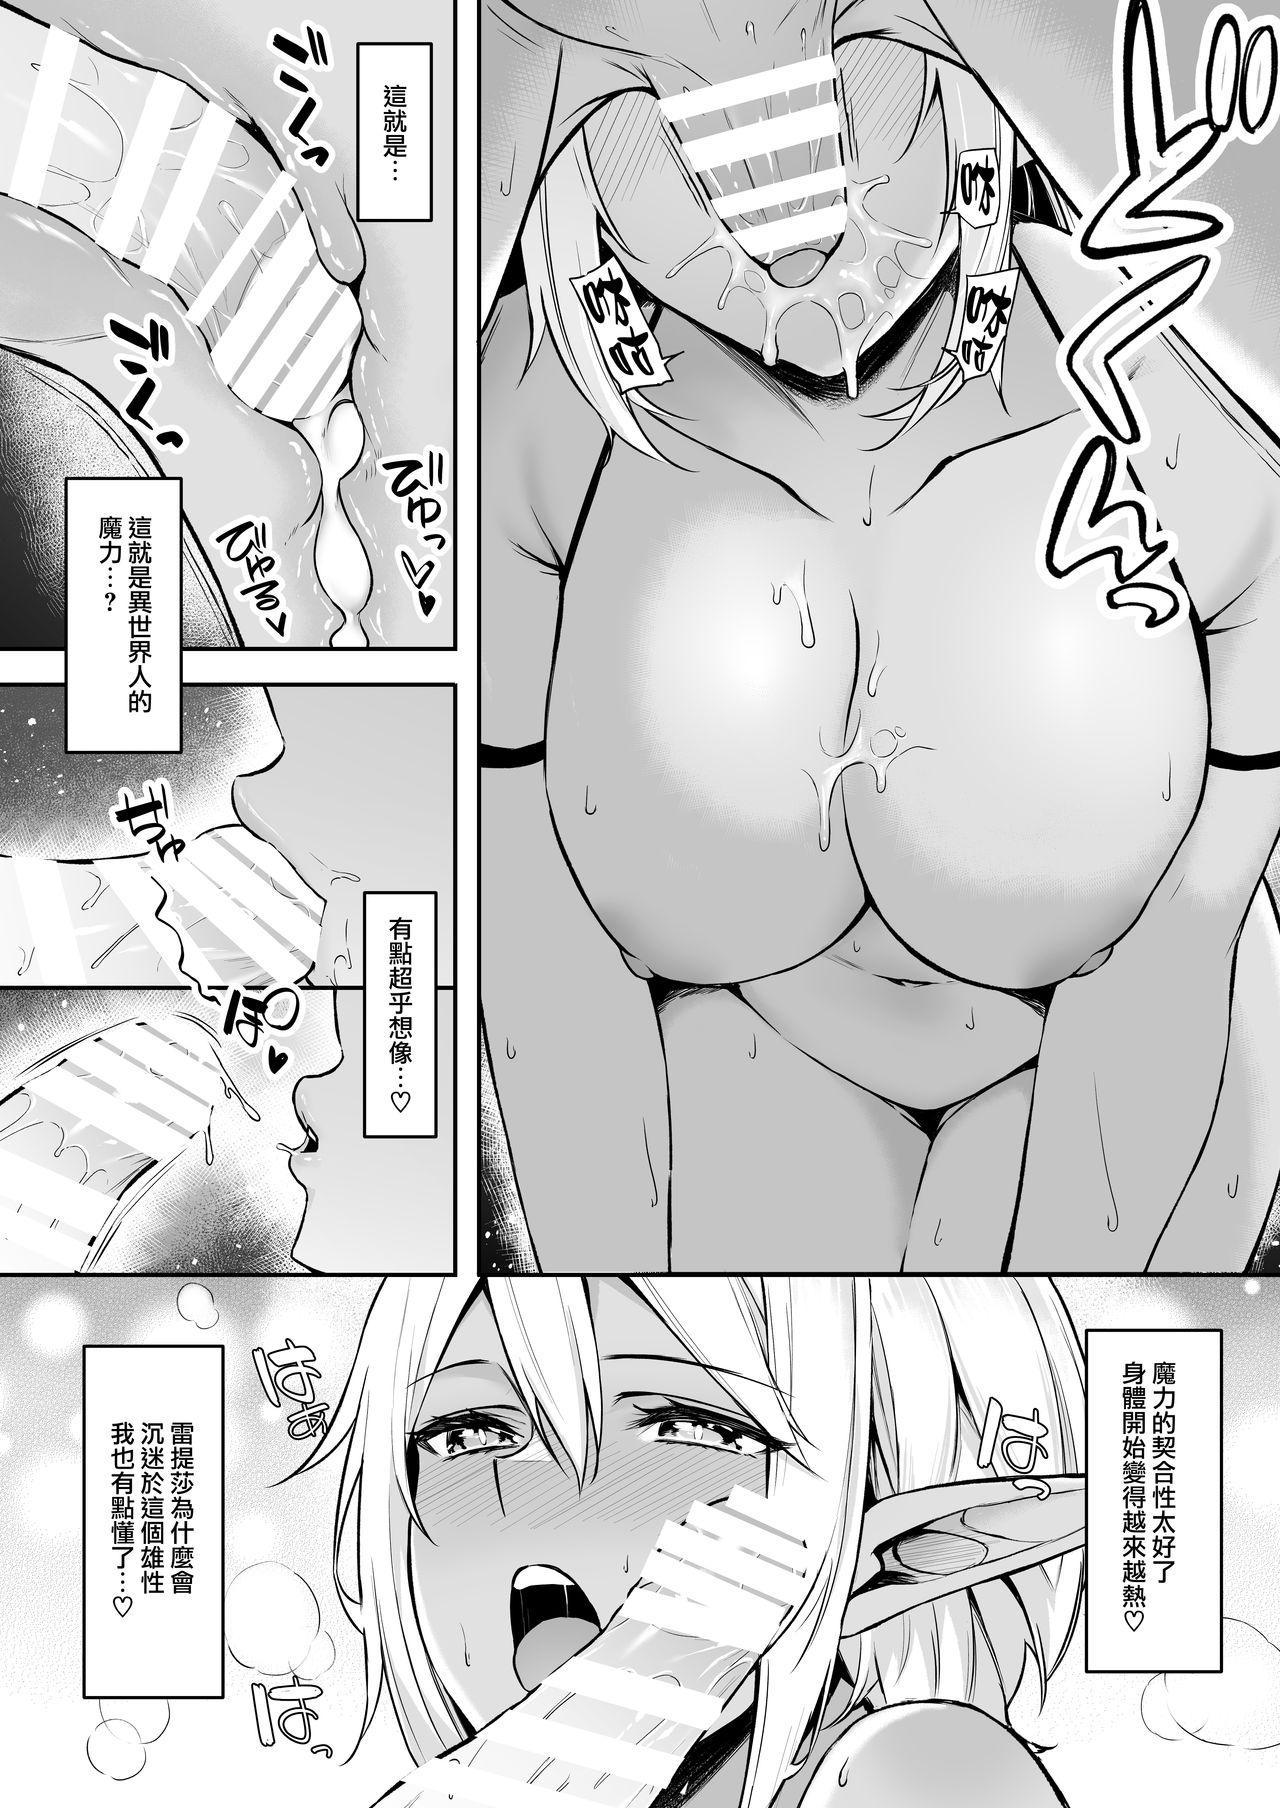 Isekai Shoukan II Elf na Onee-san no Tomodachi wa Suki desu ka? 14